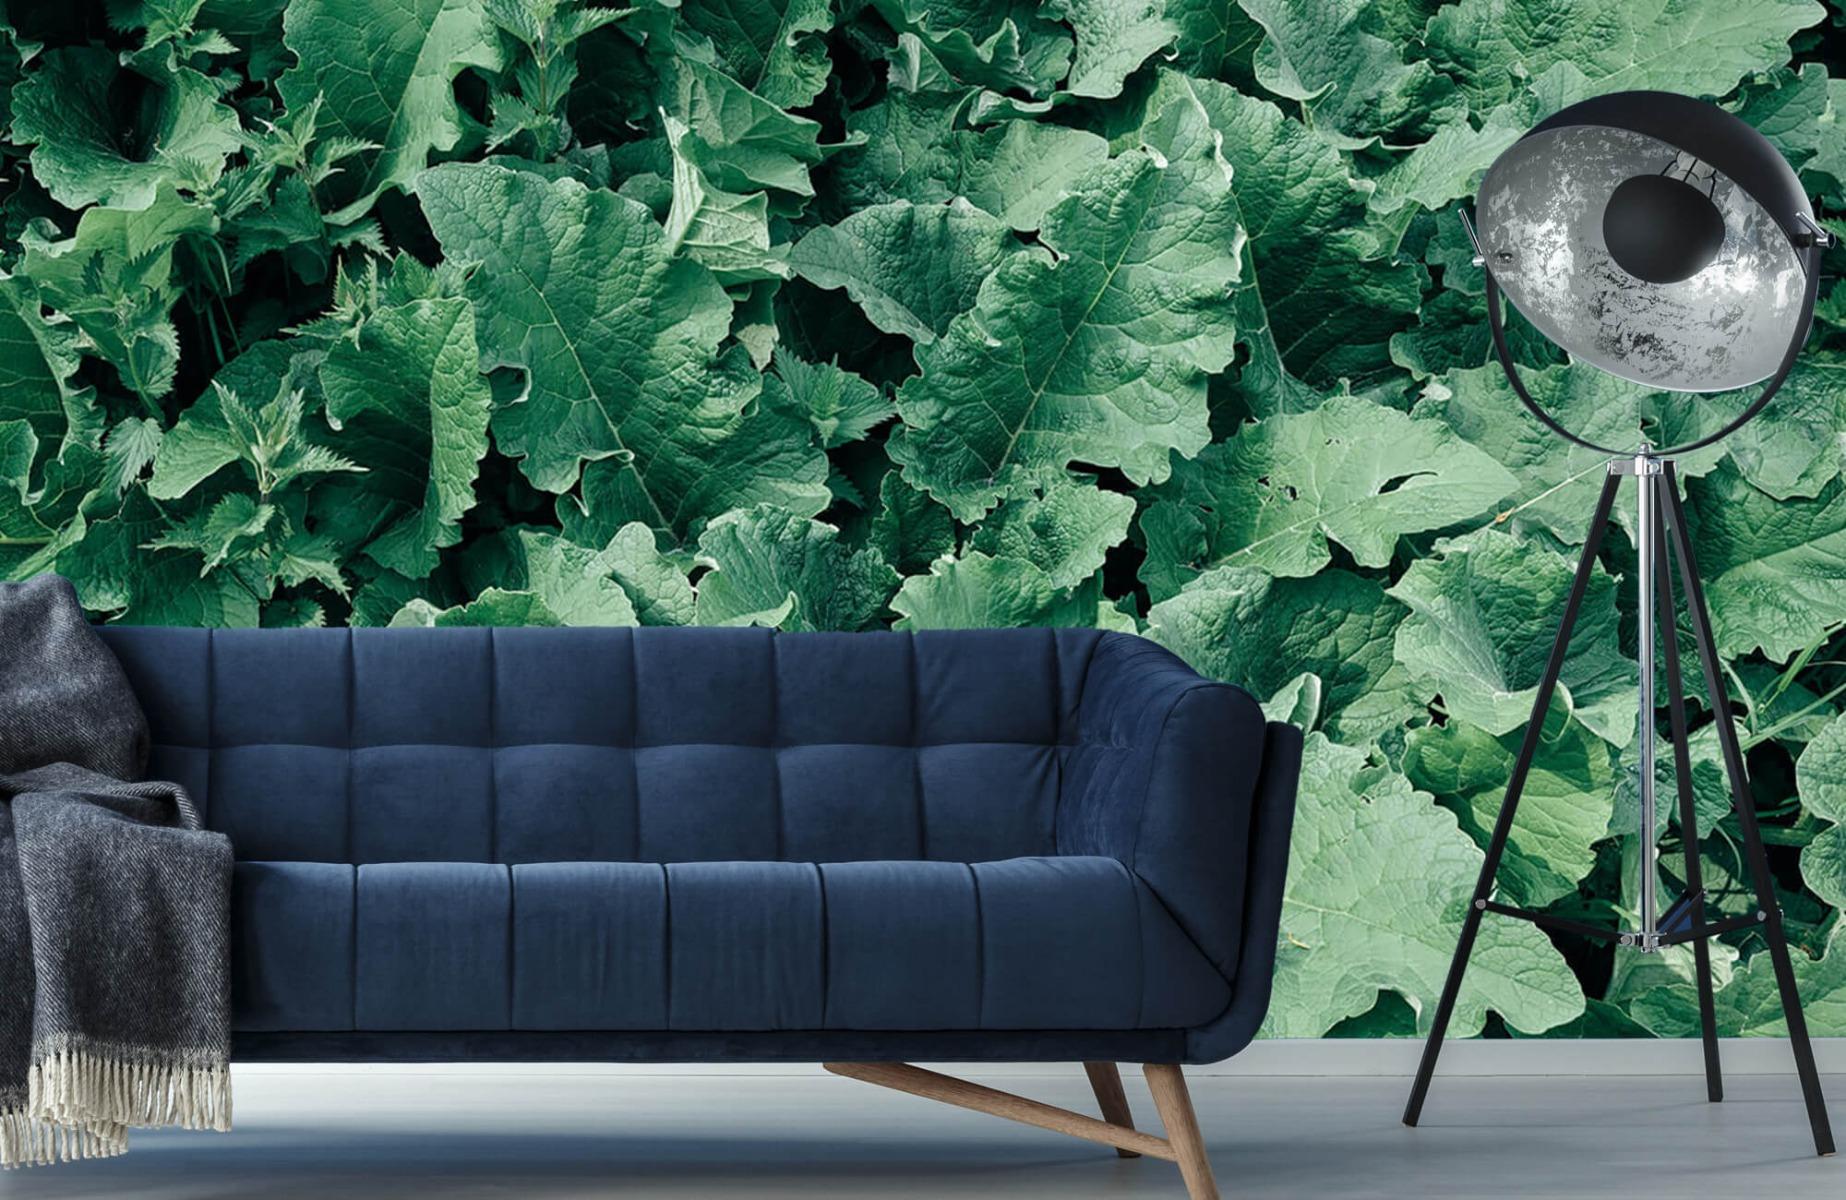 Bladeren - Gedetailleerd groen bladerdek - Wallexclusive - Slaapkamer 10